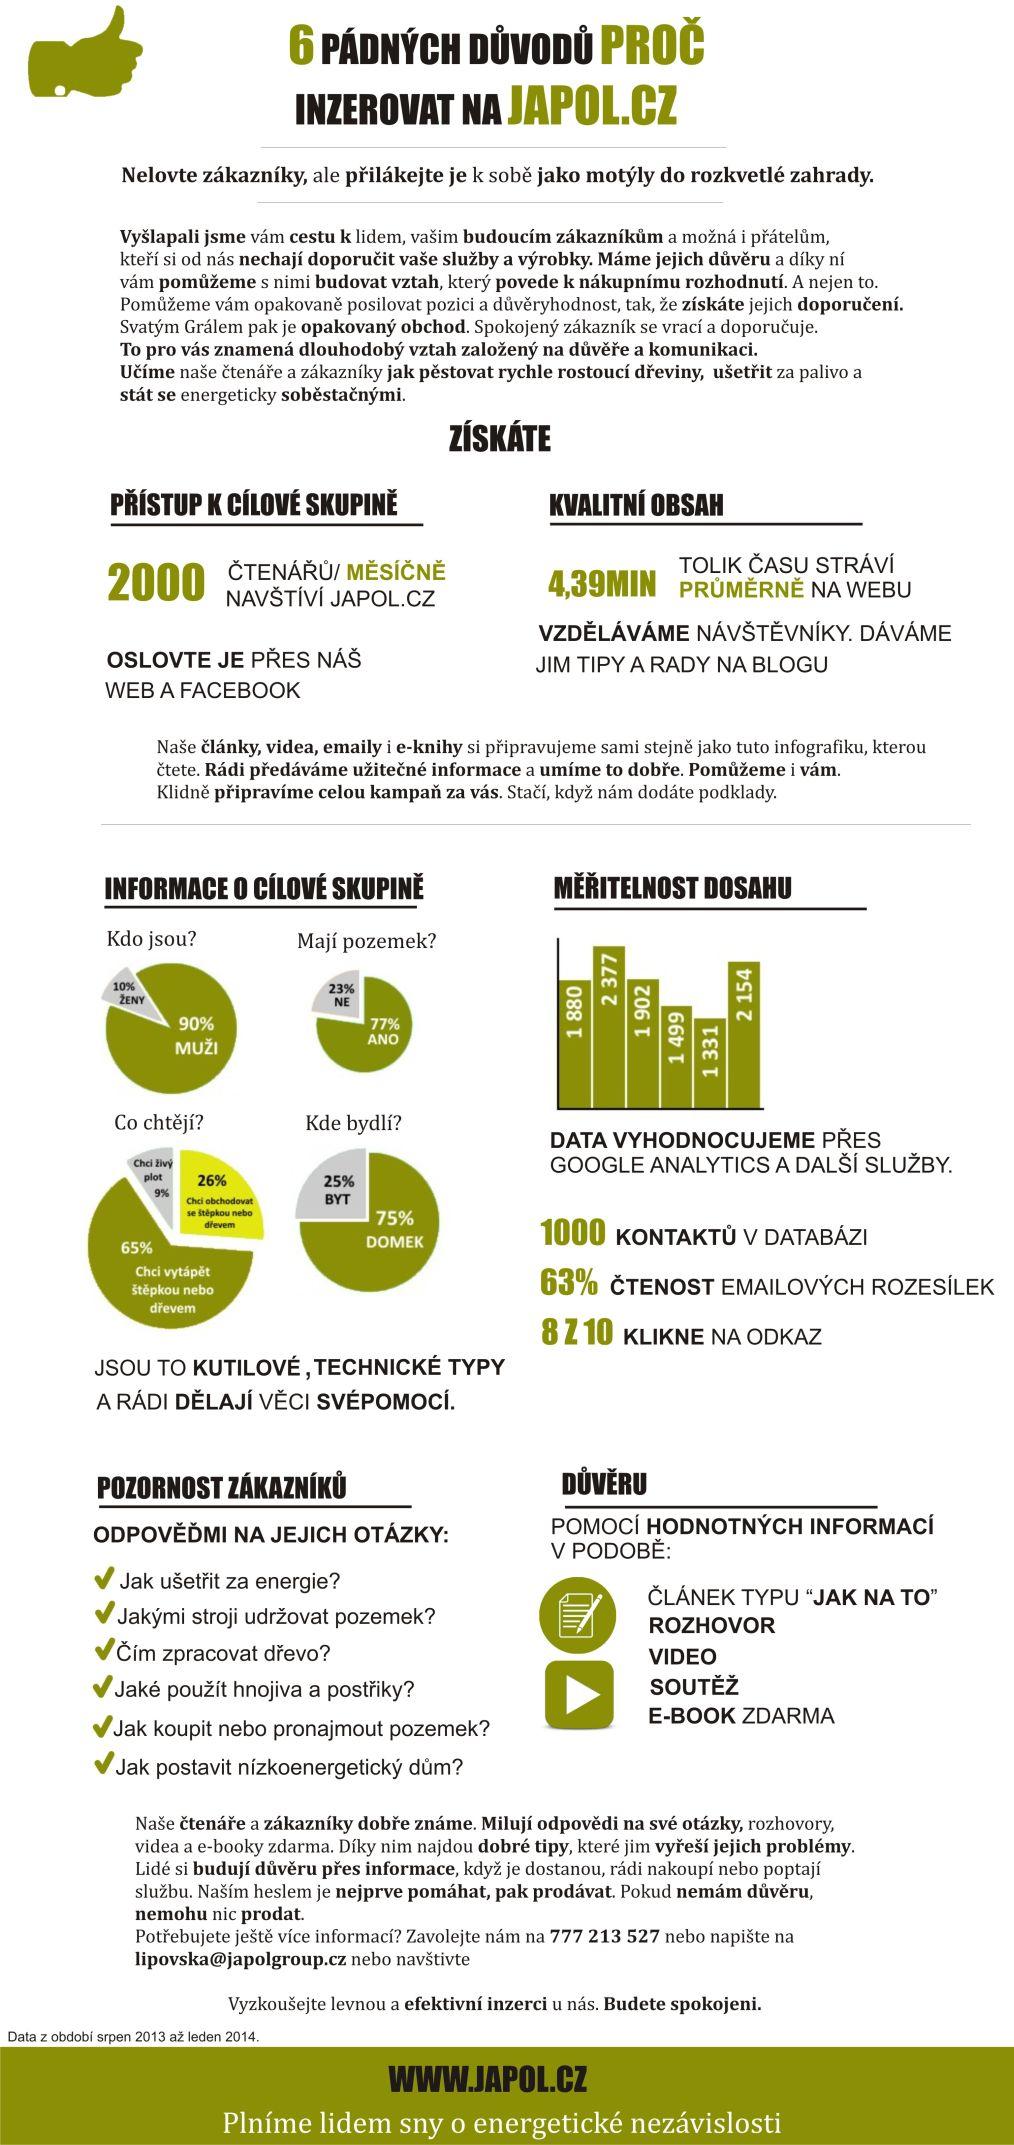 Infografika 6 pádných důvodů proč inzerovat